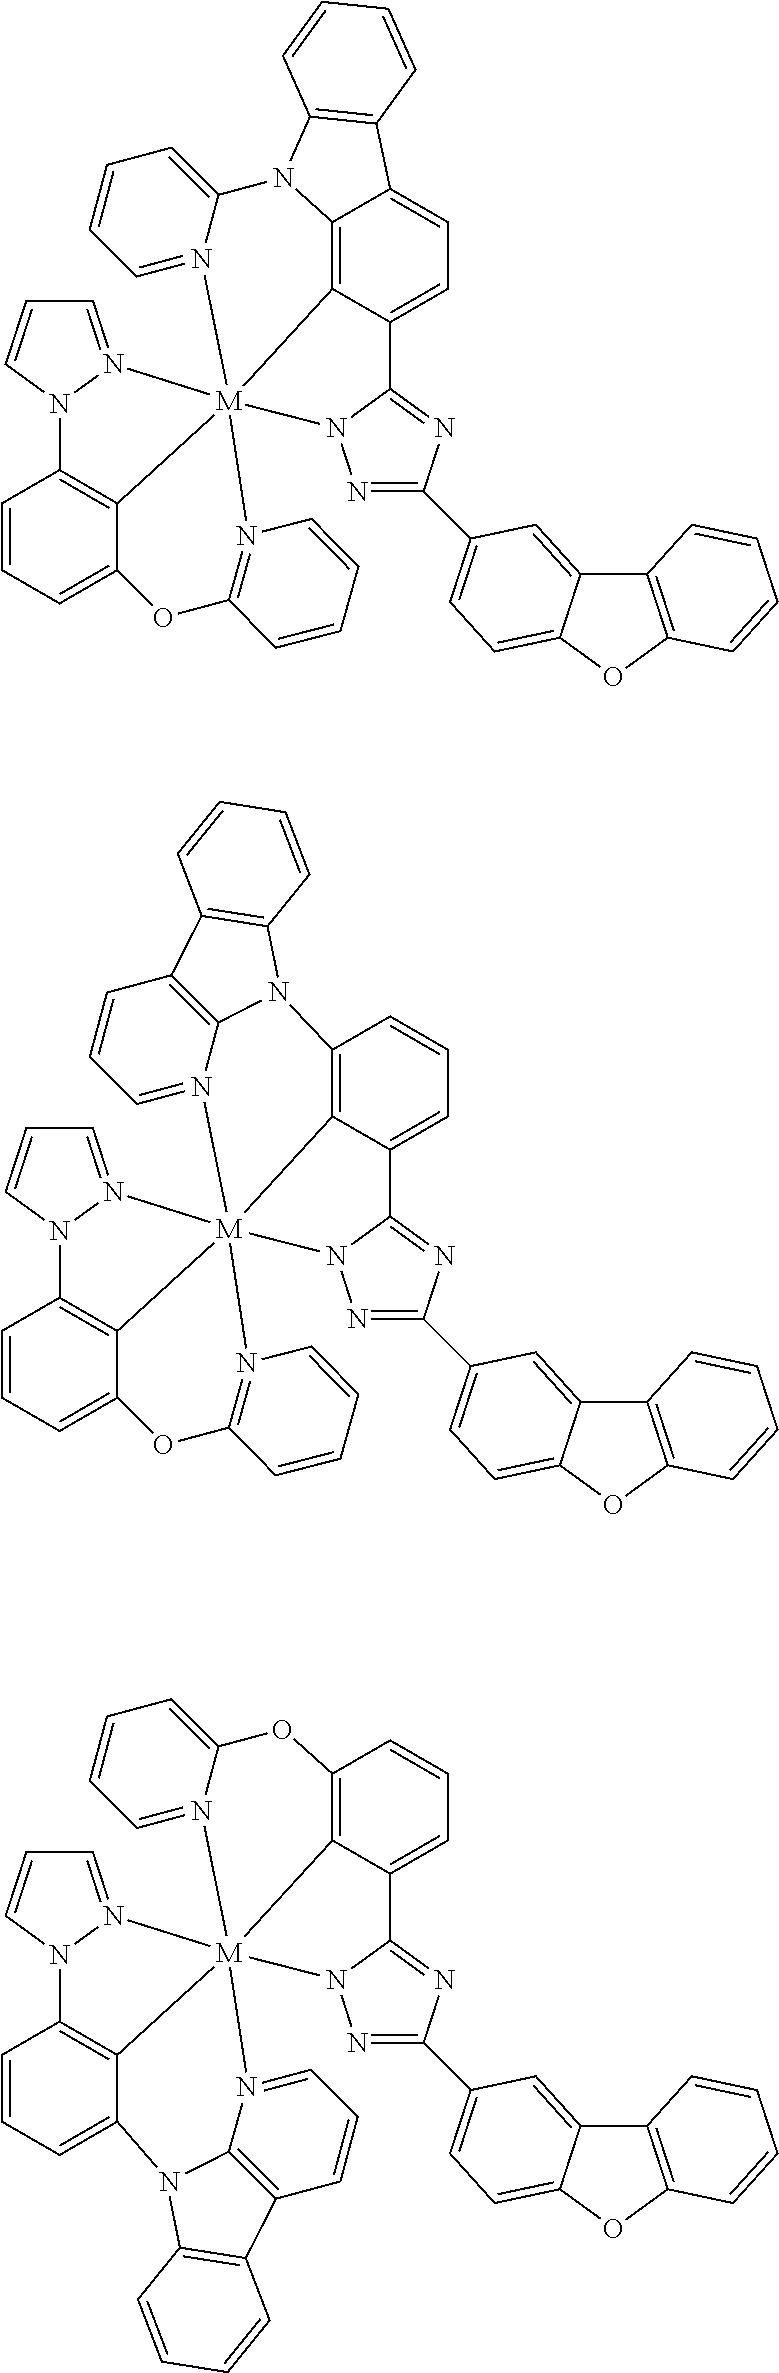 Figure US09818959-20171114-C00336